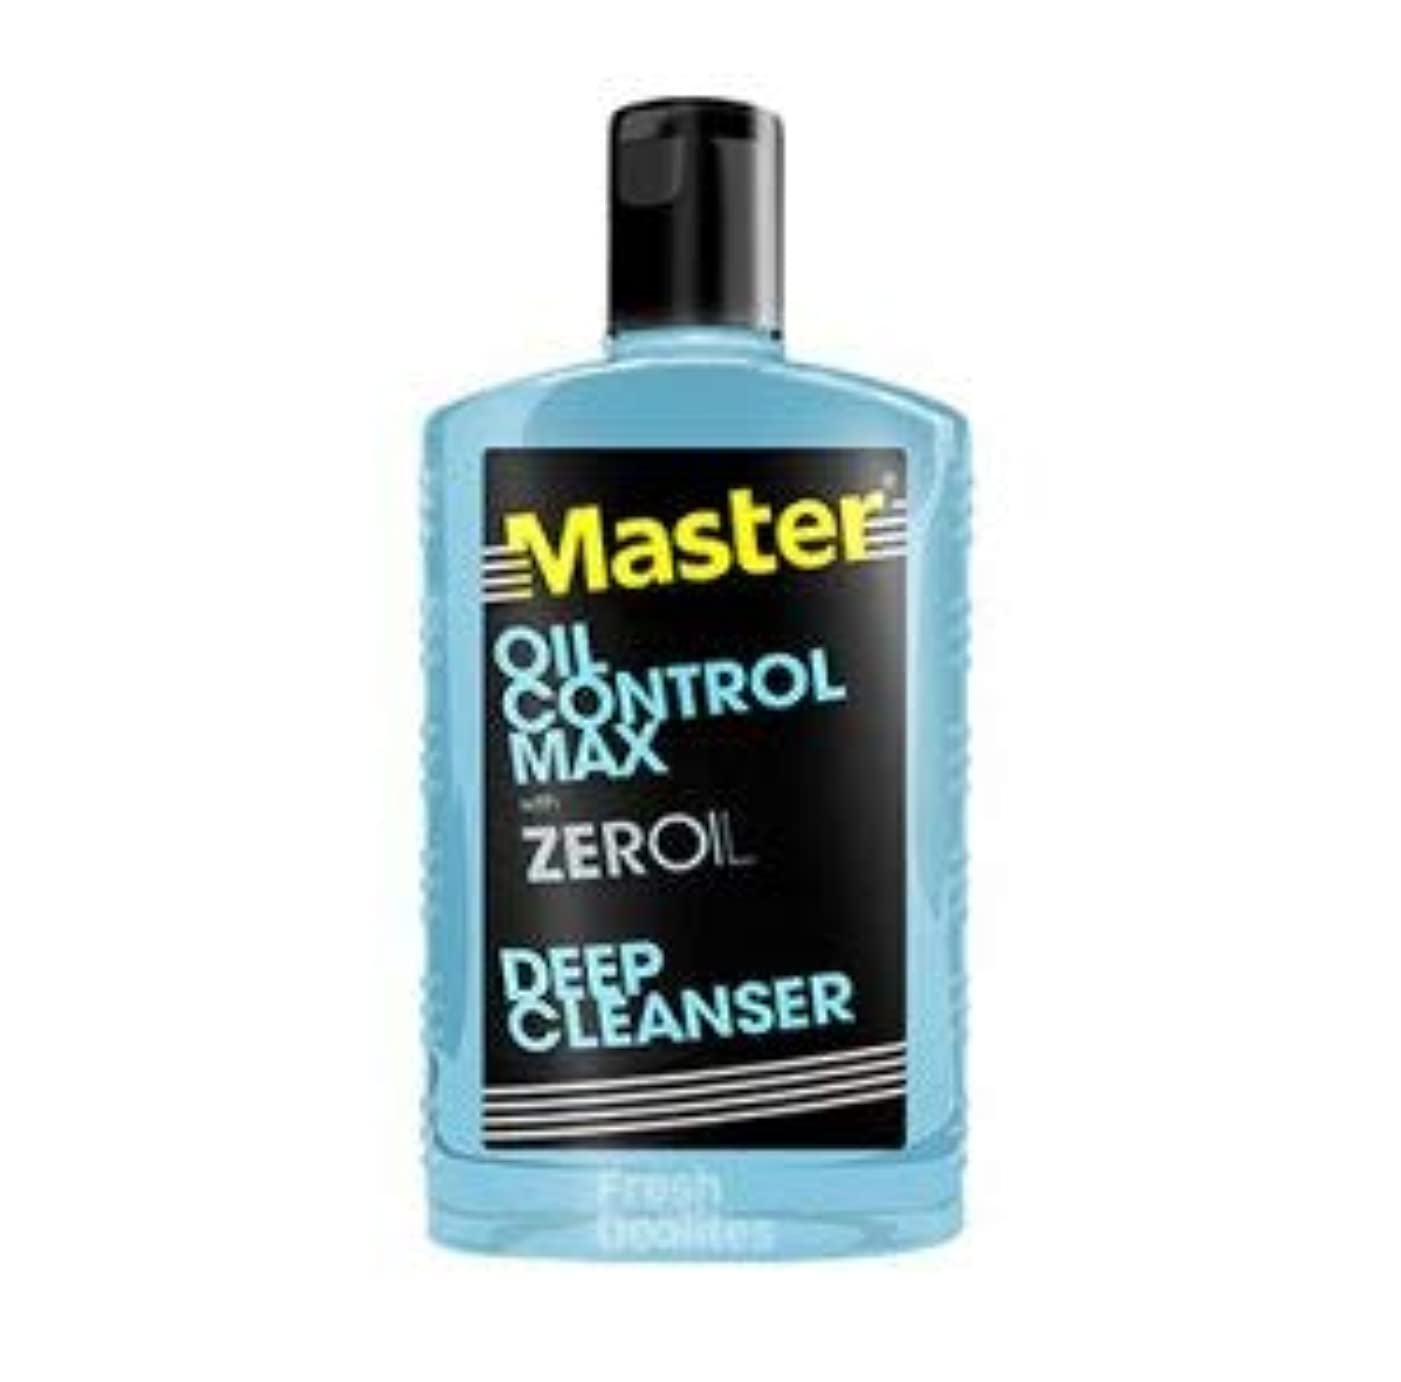 人に関する限りわがまま感嘆符Master OIL CONTROL MAX with ZEROIL 135ml【PHILIPPINES】